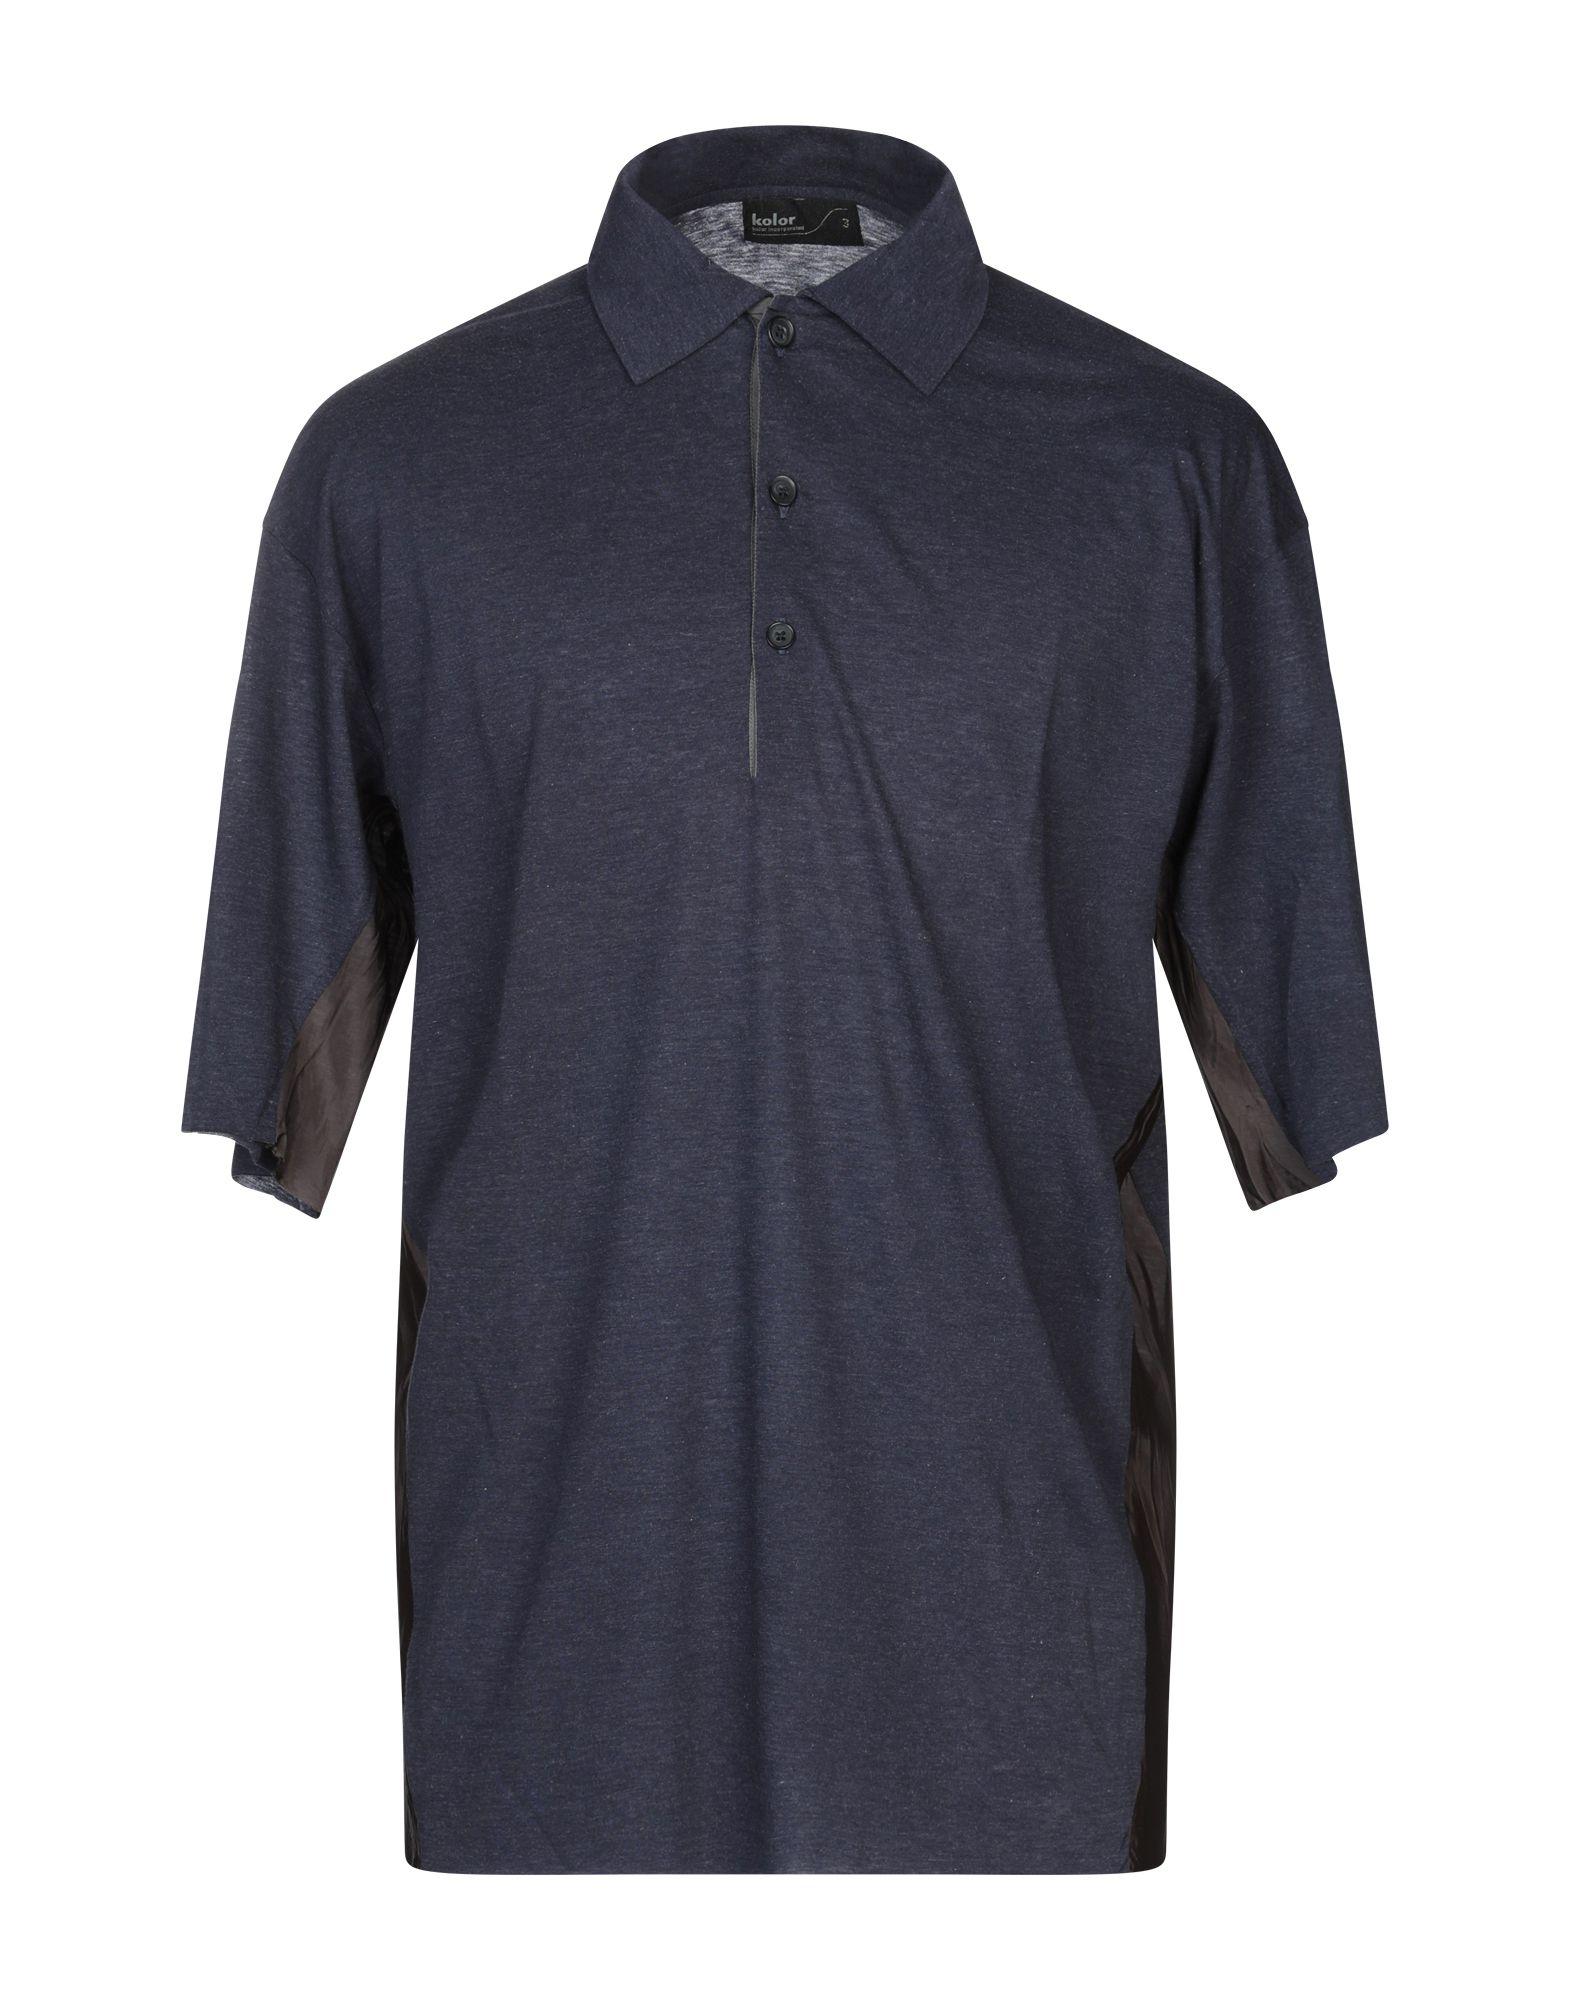 KOLOR Поло kolor beacon свитер